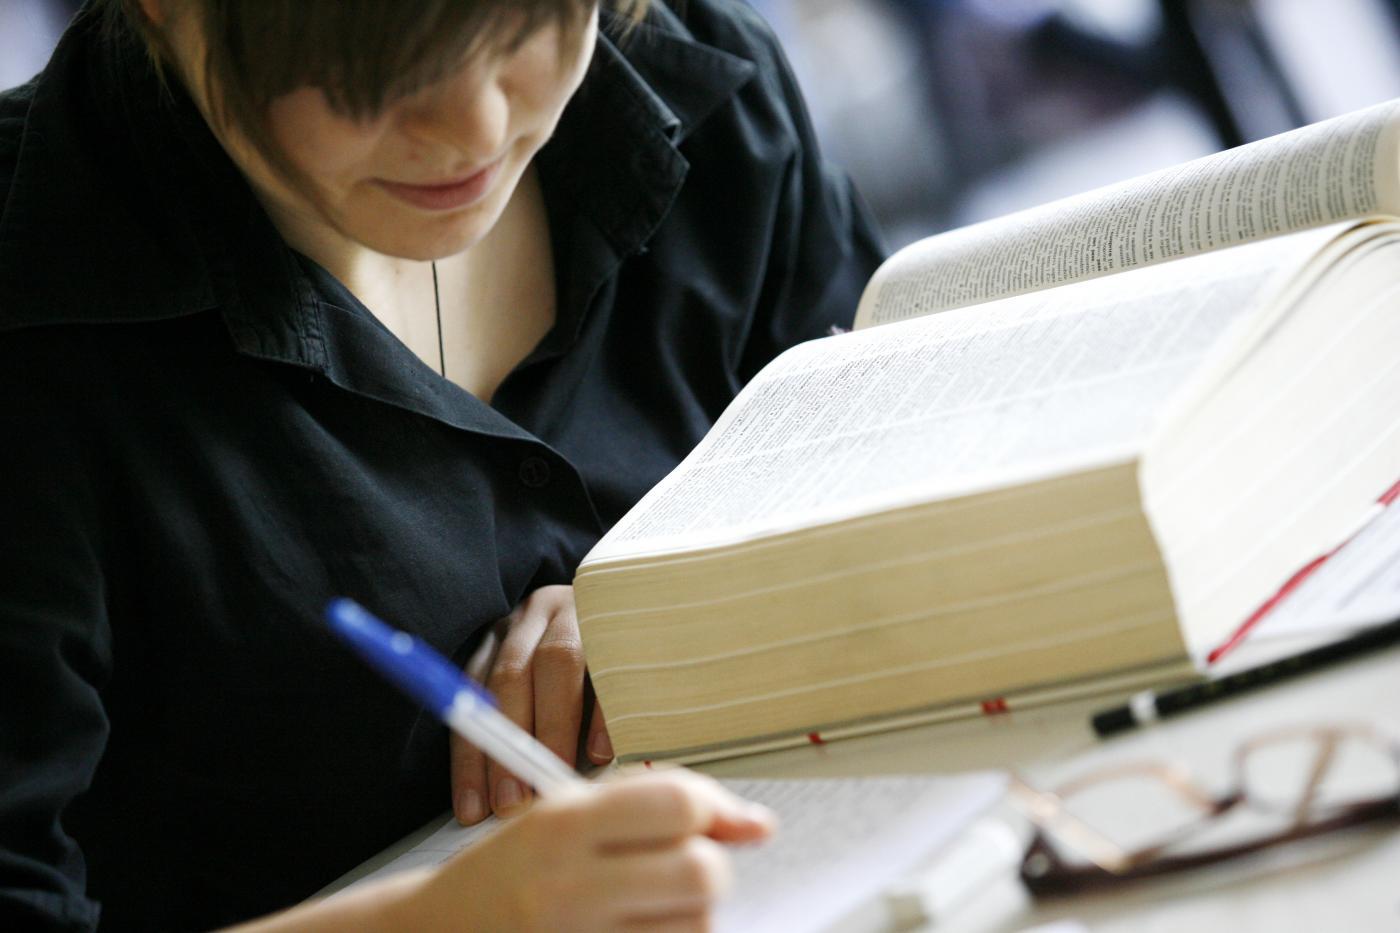 Istruzione: un volano per la crescita, un guadagno in termini sociali